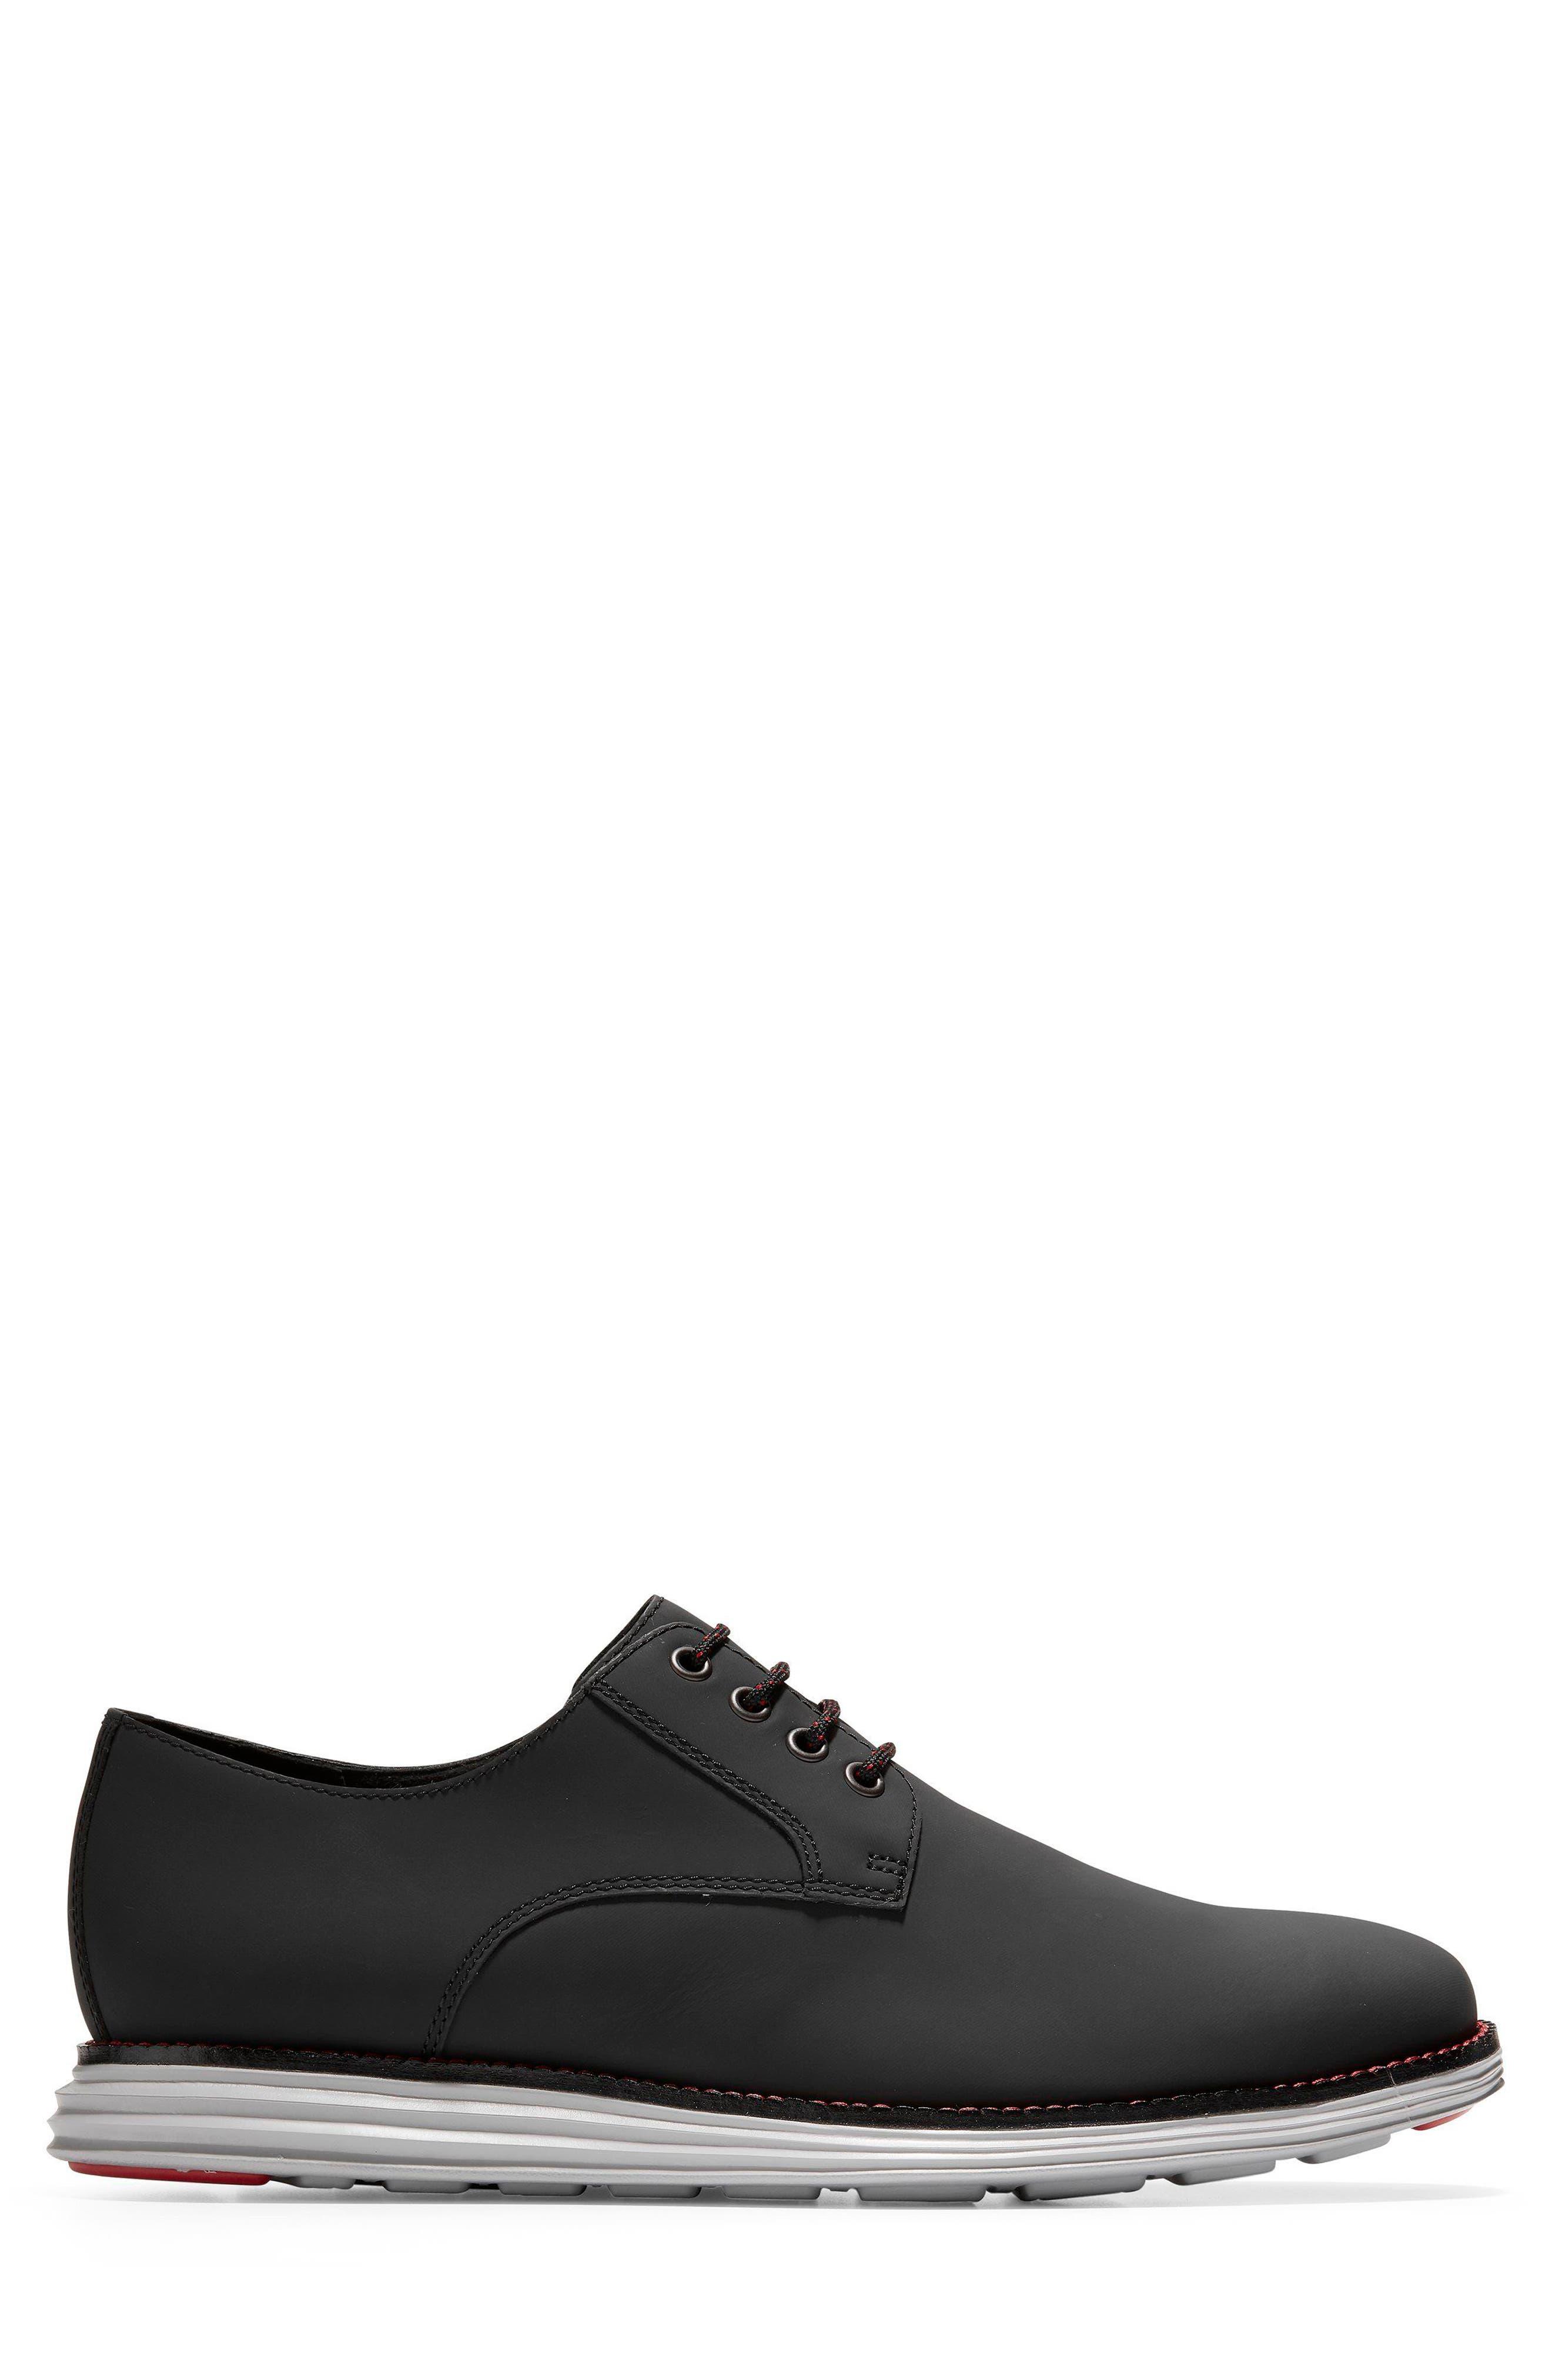 Original Grand Plain Toe Derby,                             Alternate thumbnail 4, color,                             Black Matte Leather